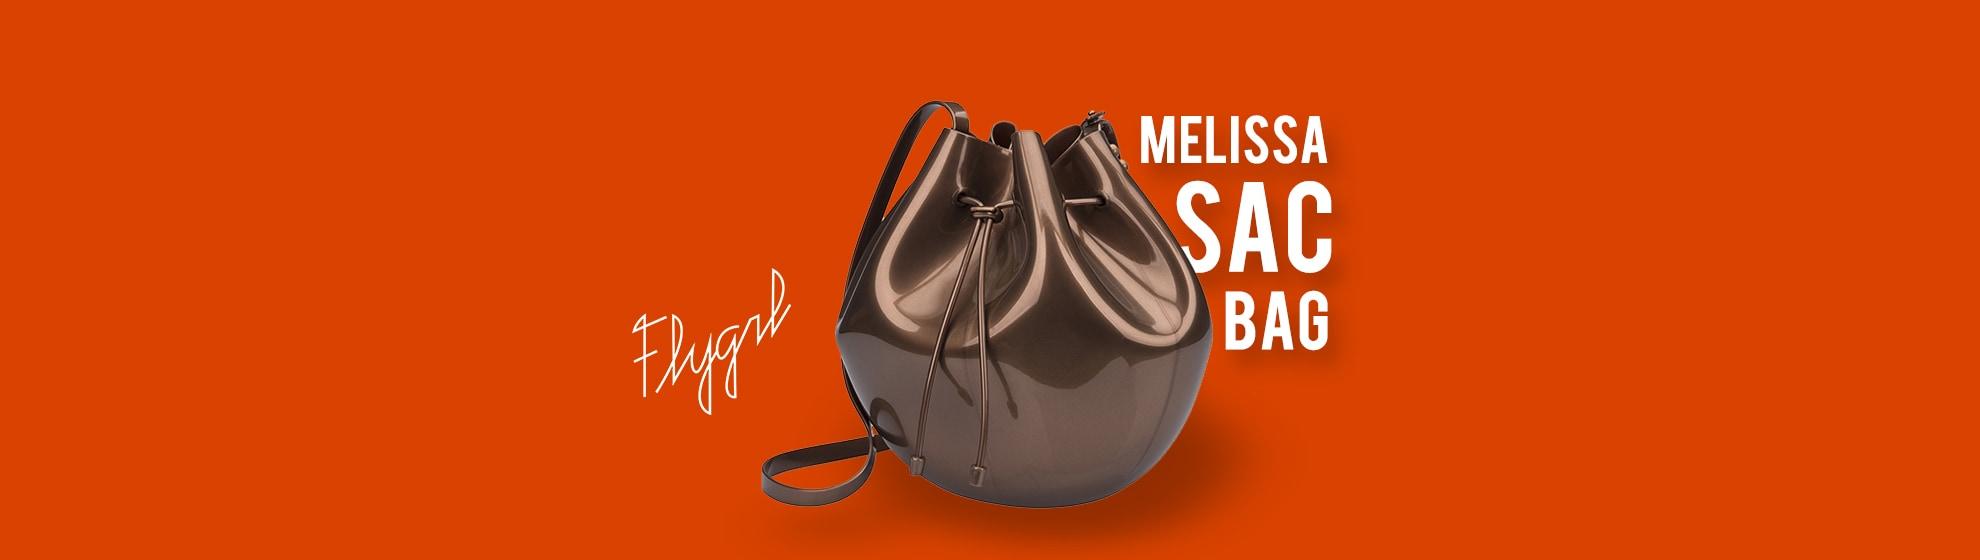 Melissa Sac Bag